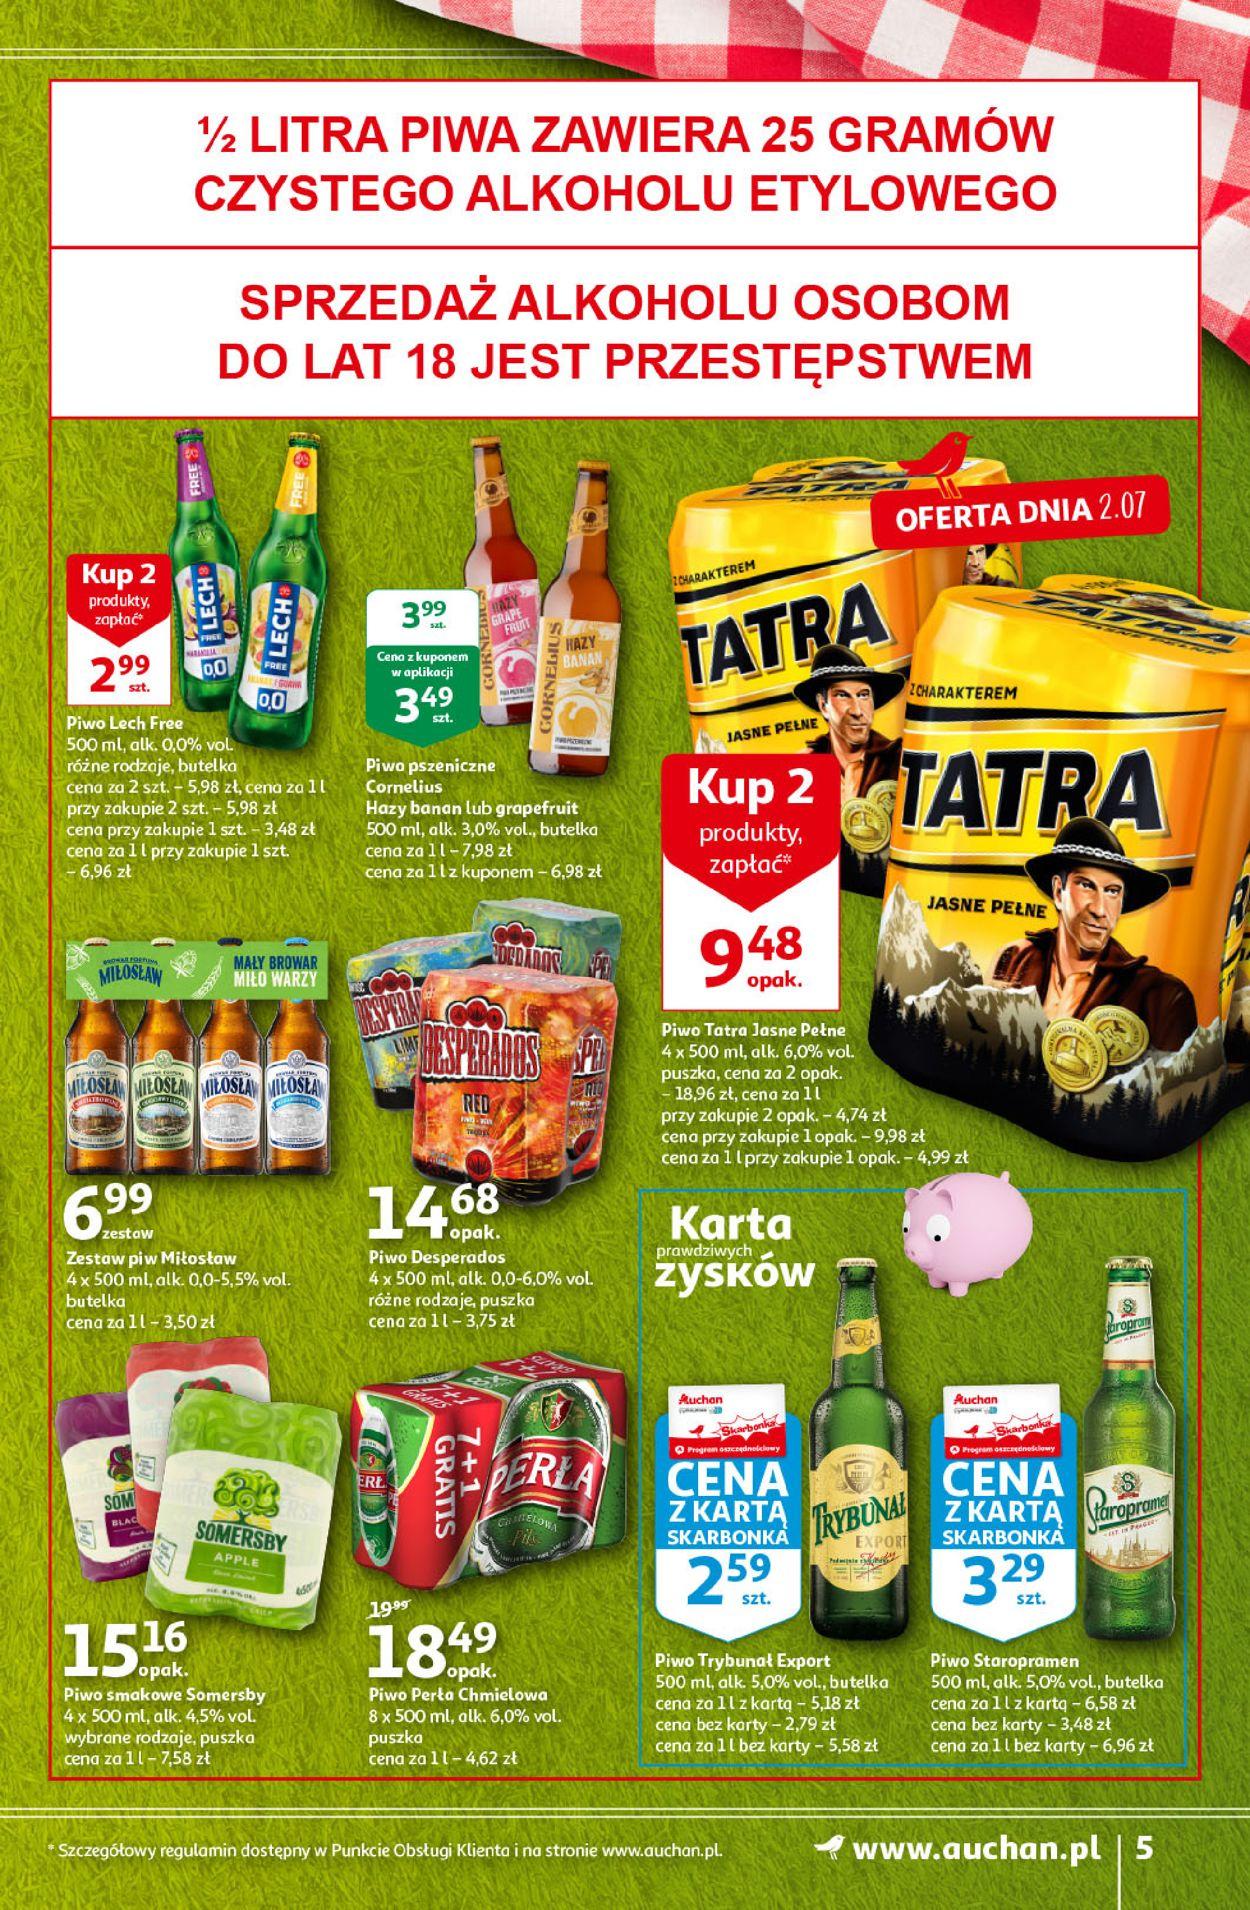 Gazetka promocyjna Auchan - 01.07-07.07.2021 (Strona 5)